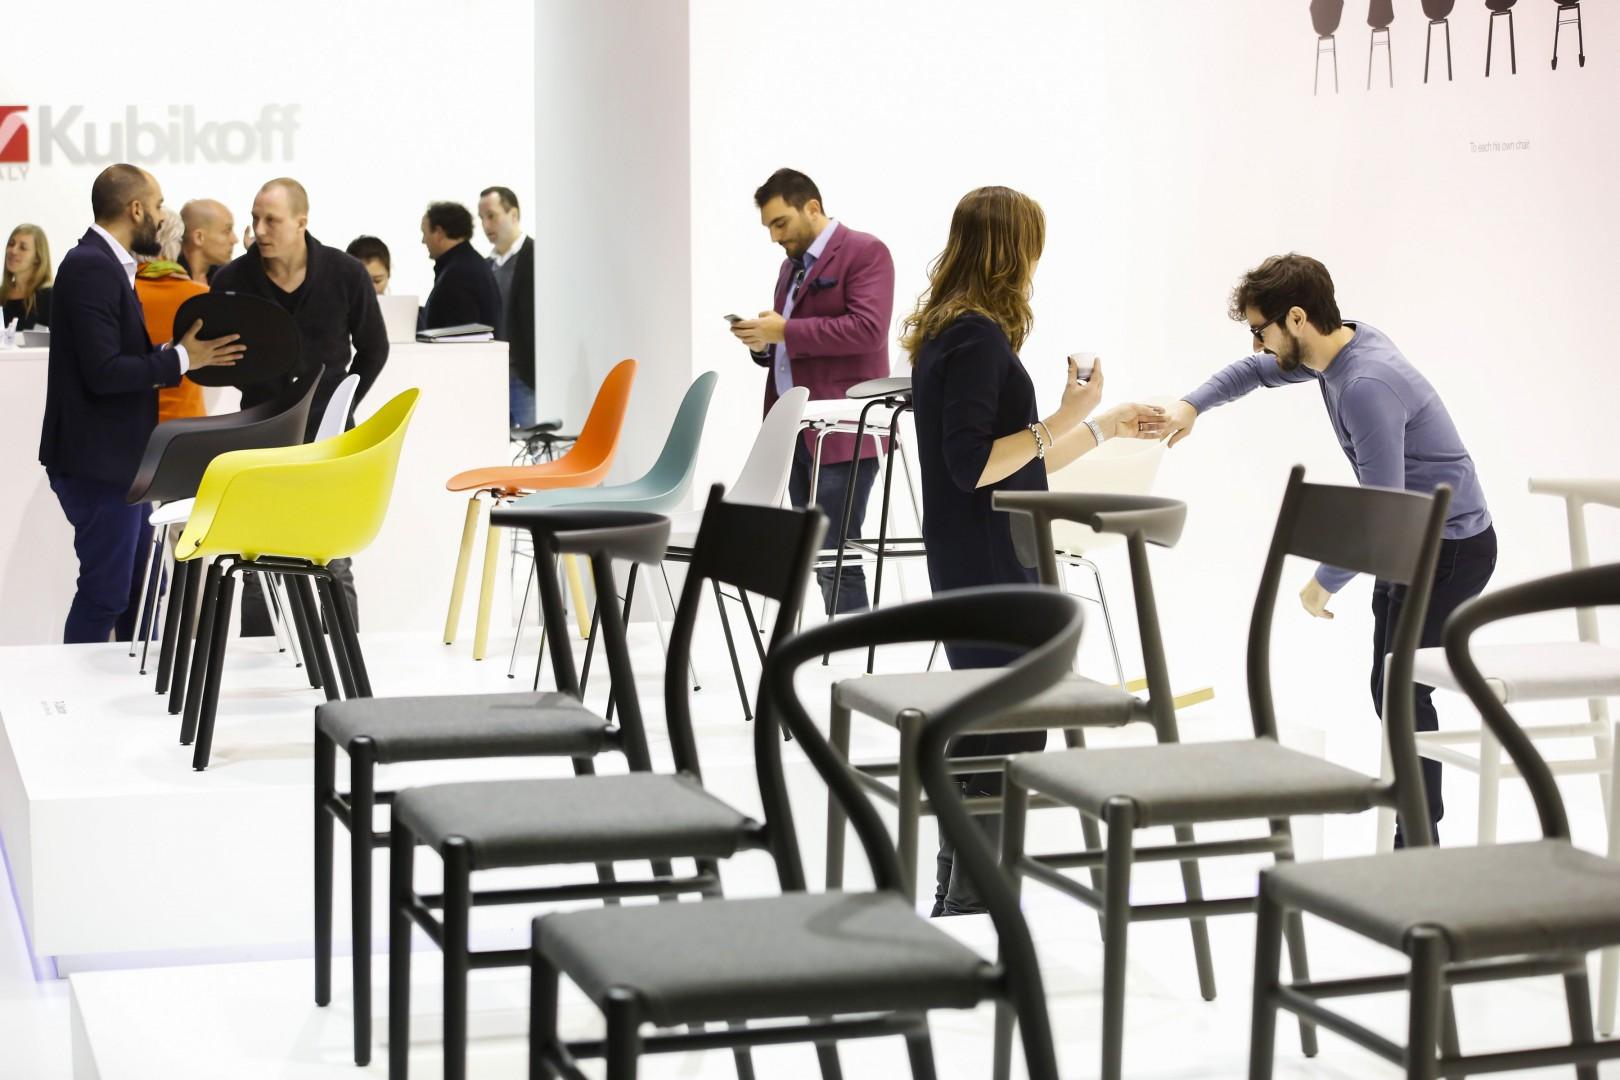 Krzesła marki Toou